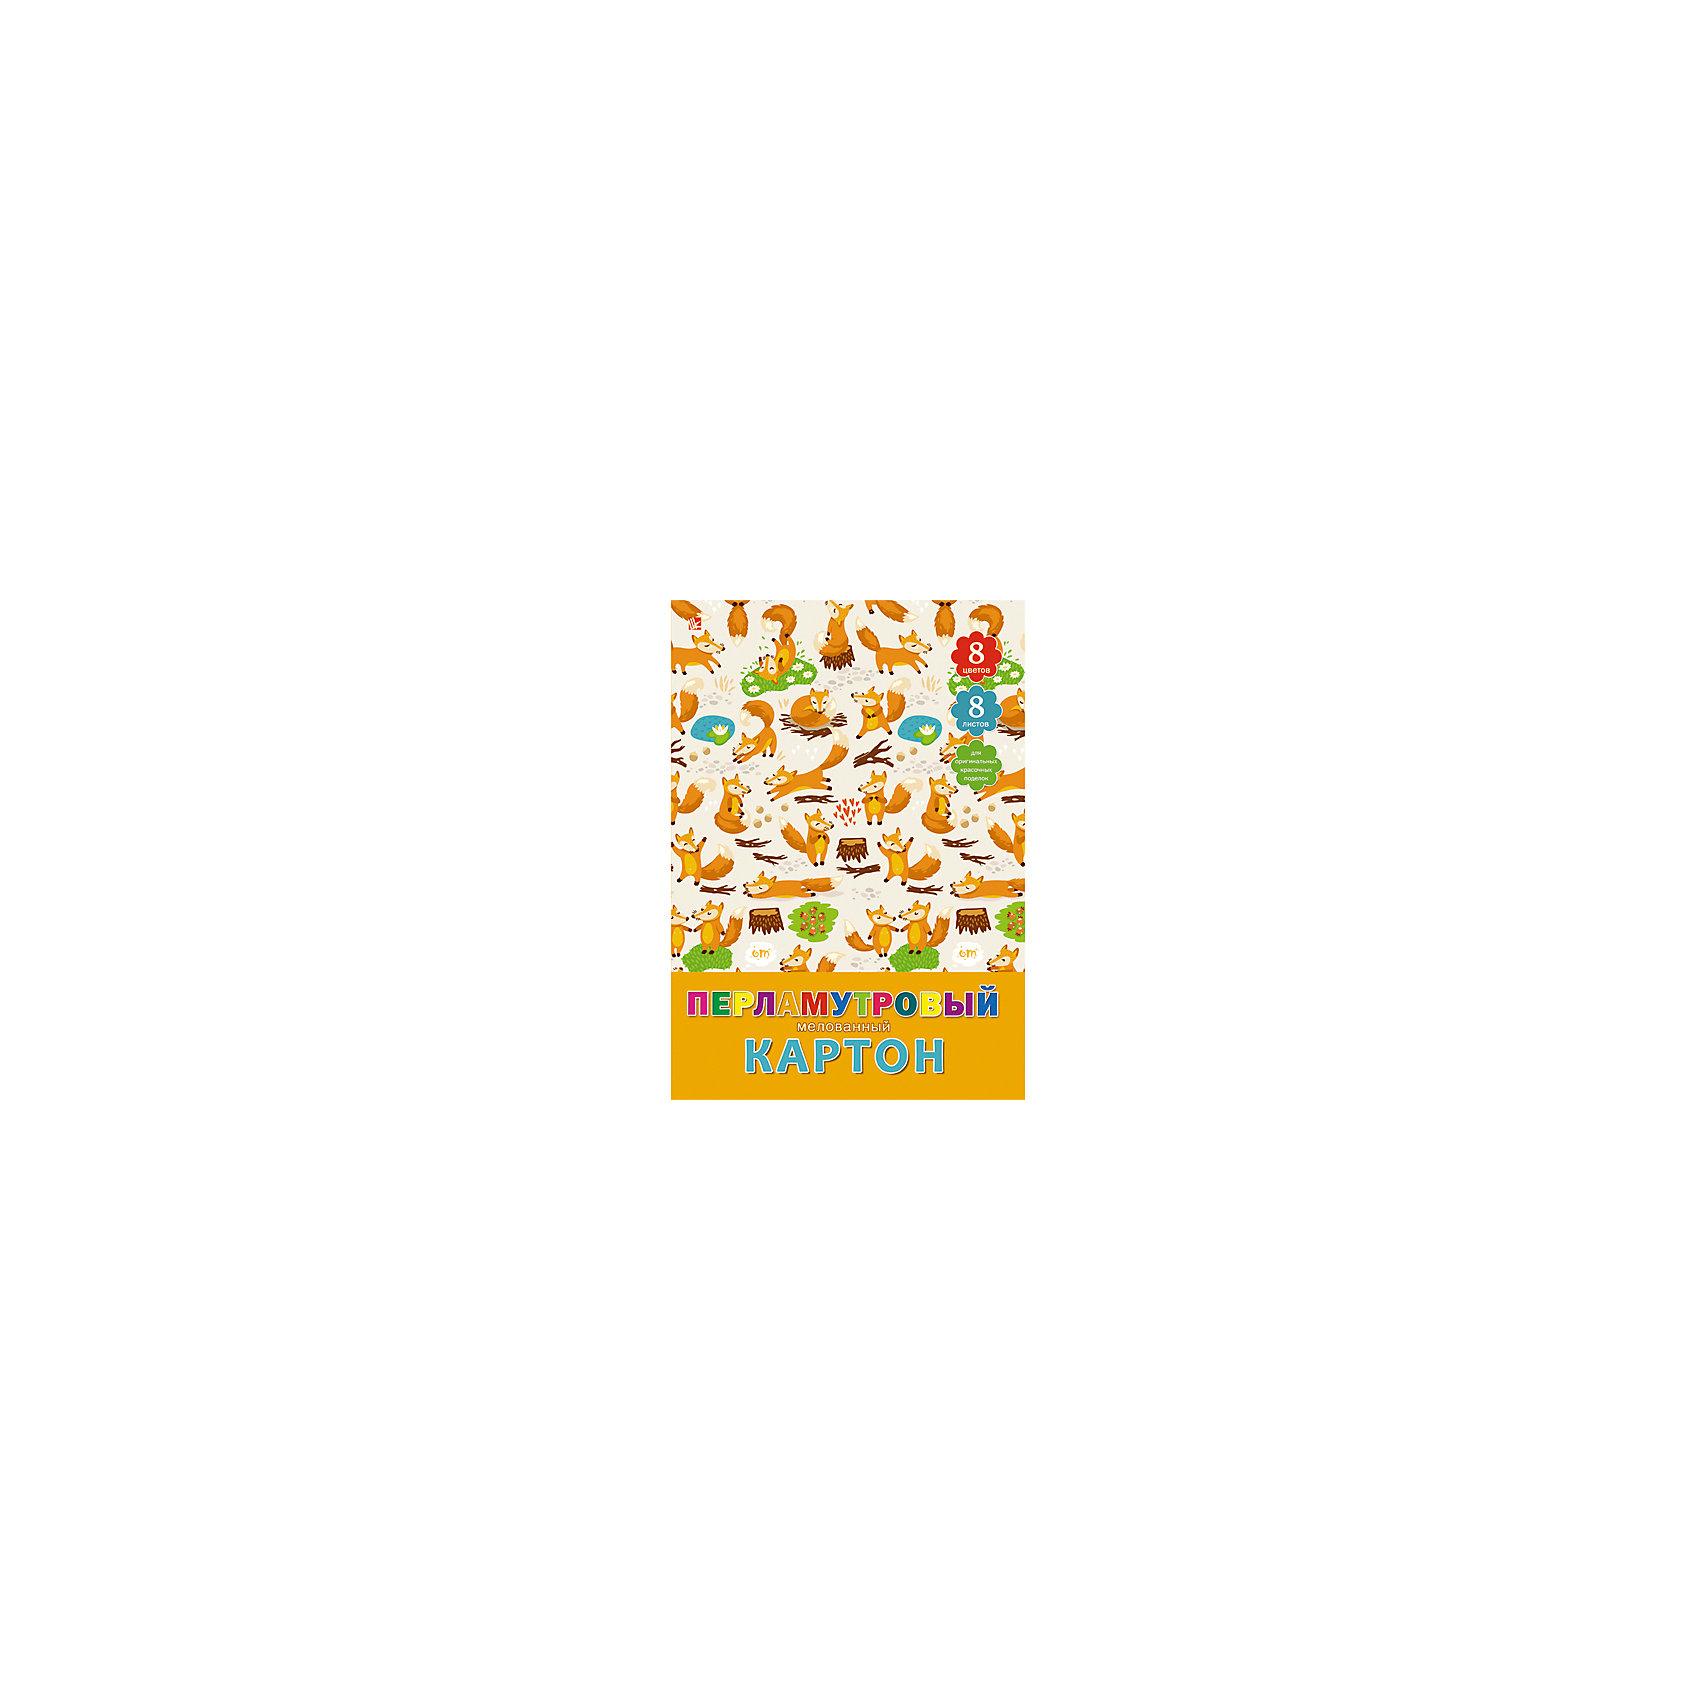 Перламутровый мелованный картон Лисята, 8л, 8 цвБумажная продукция<br>Перламутровый мелованный картон Лисята. Формат А4, разноцветный. Прекрасно подойдет для создания ярких красивых поделок!<br><br>Дополнительная информация:<br>Обложка: картон<br>Количество листов: 8(разноцветный)<br>Формат: А4<br>Перламутровый мелованный картон Лисята можно приобрести в нашем интернет-магазине.<br><br>Ширина мм: 280<br>Глубина мм: 200<br>Высота мм: 6<br>Вес г: 139<br>Возраст от месяцев: 72<br>Возраст до месяцев: 2147483647<br>Пол: Унисекс<br>Возраст: Детский<br>SKU: 4942472